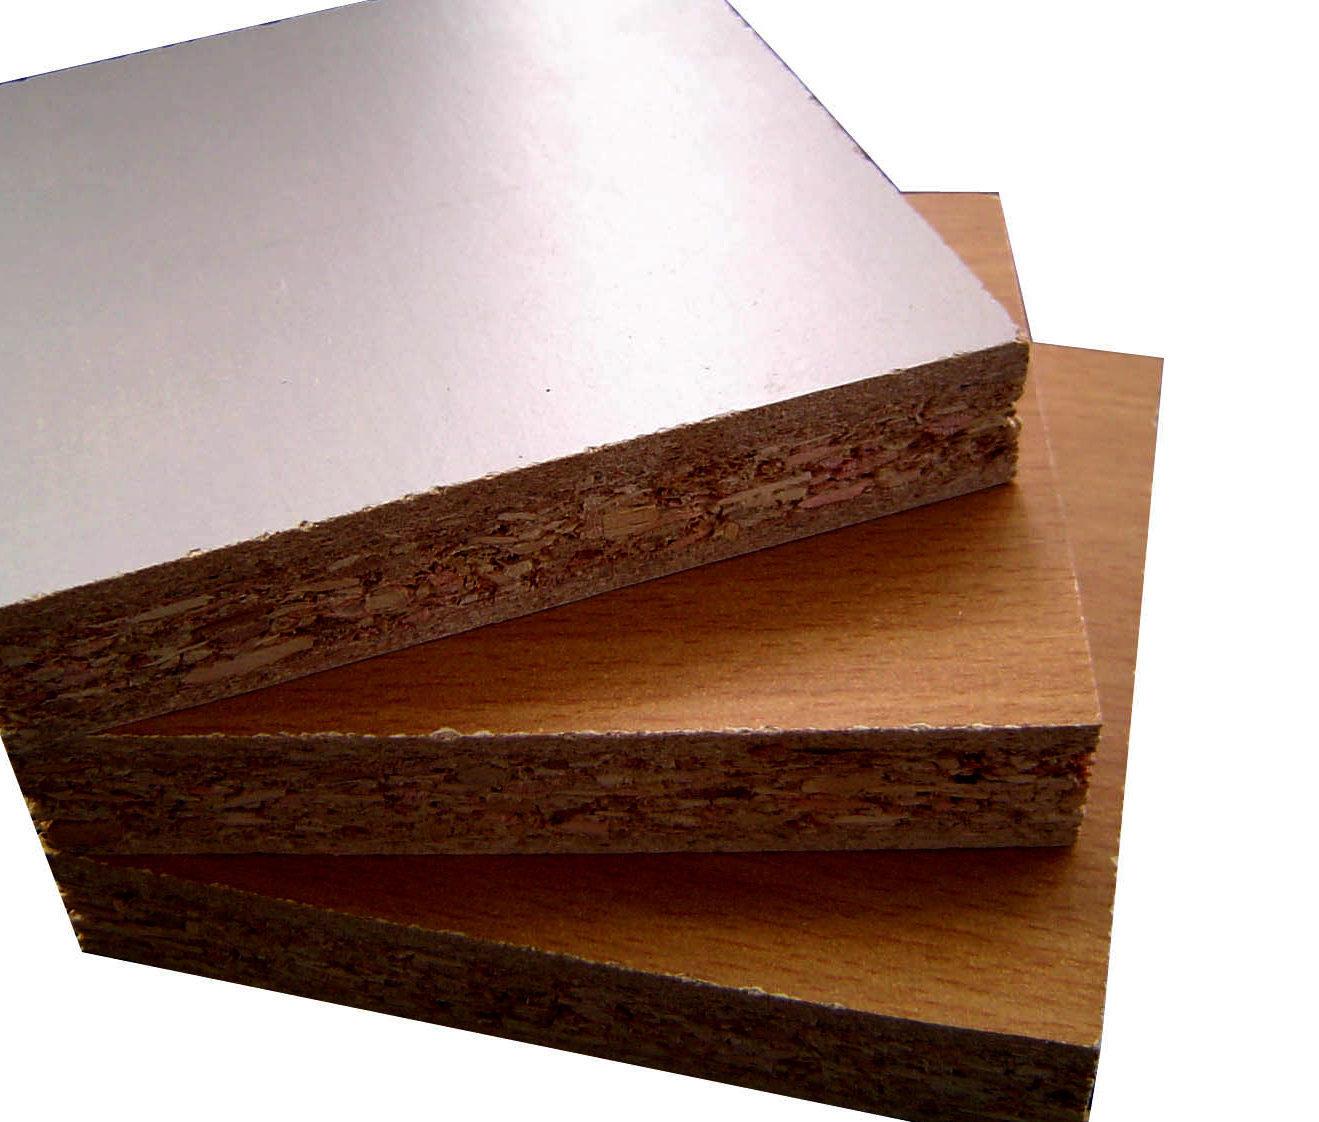 ДСП - Древесно-стружечные плиты. Производство ДСП